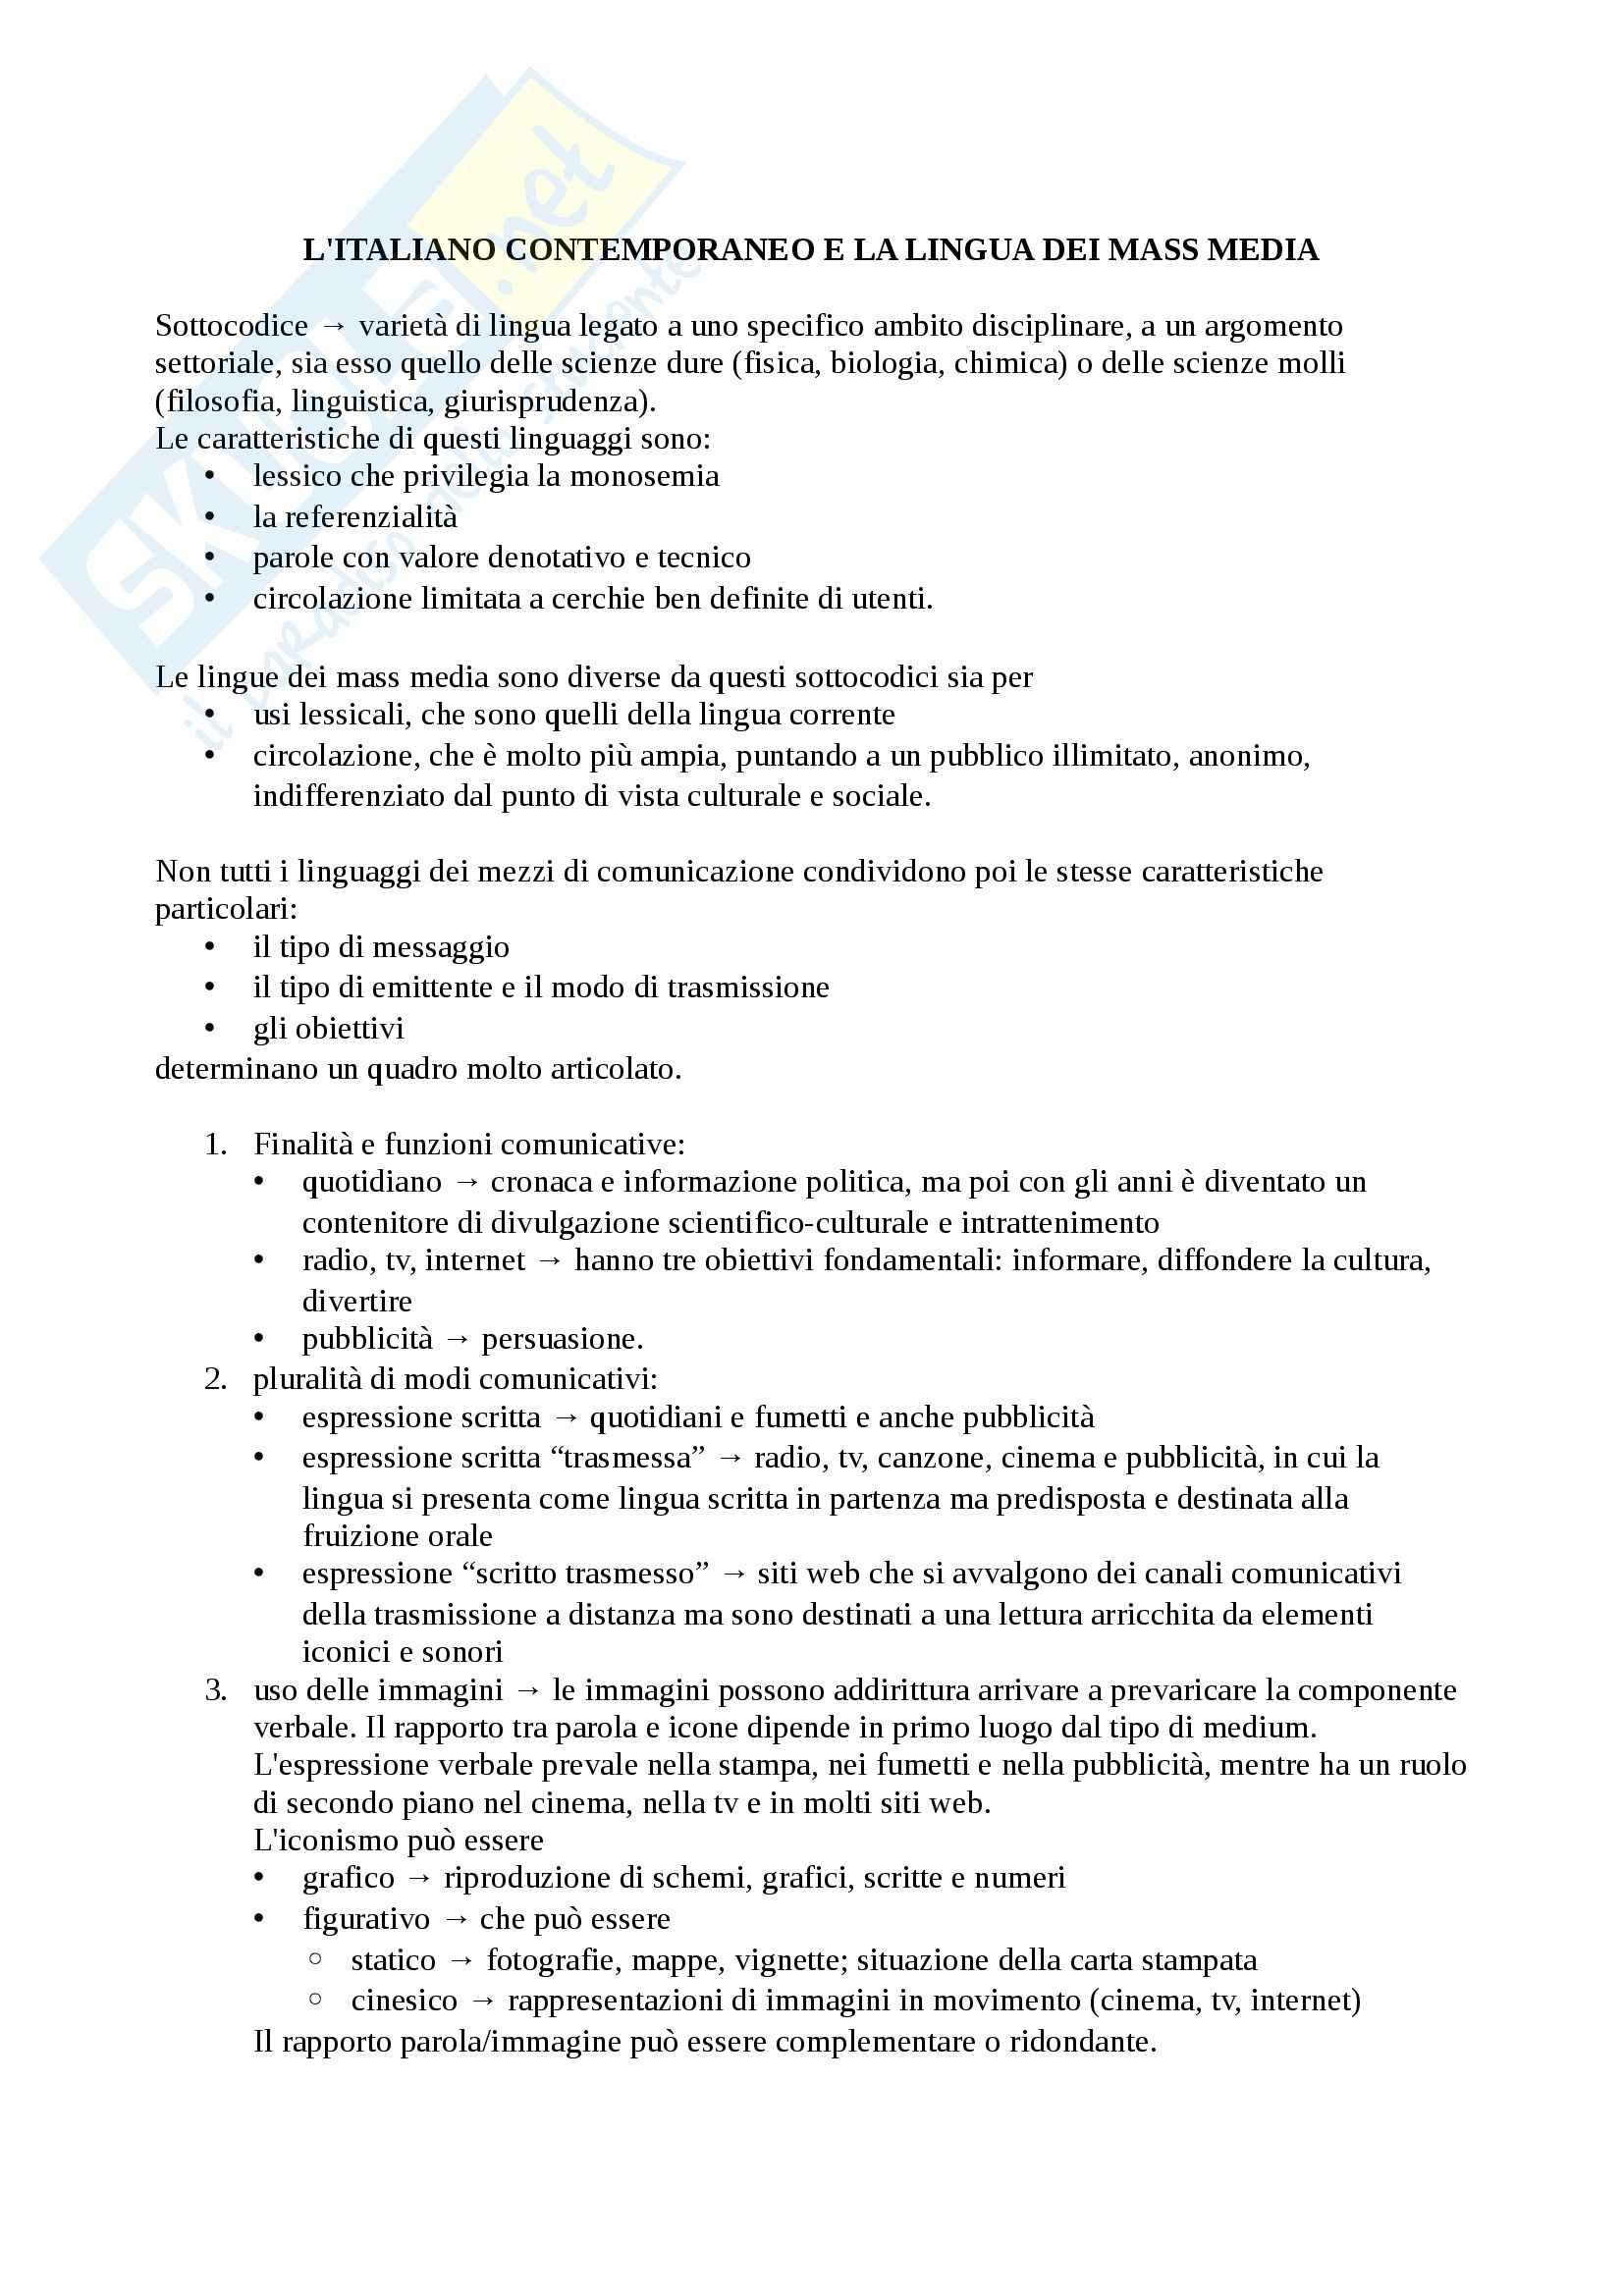 Riassunto esame Lingua Italiana e Comunicazione, prof. Piotti, libro consigliato La Lingua Italiana e Mass Media